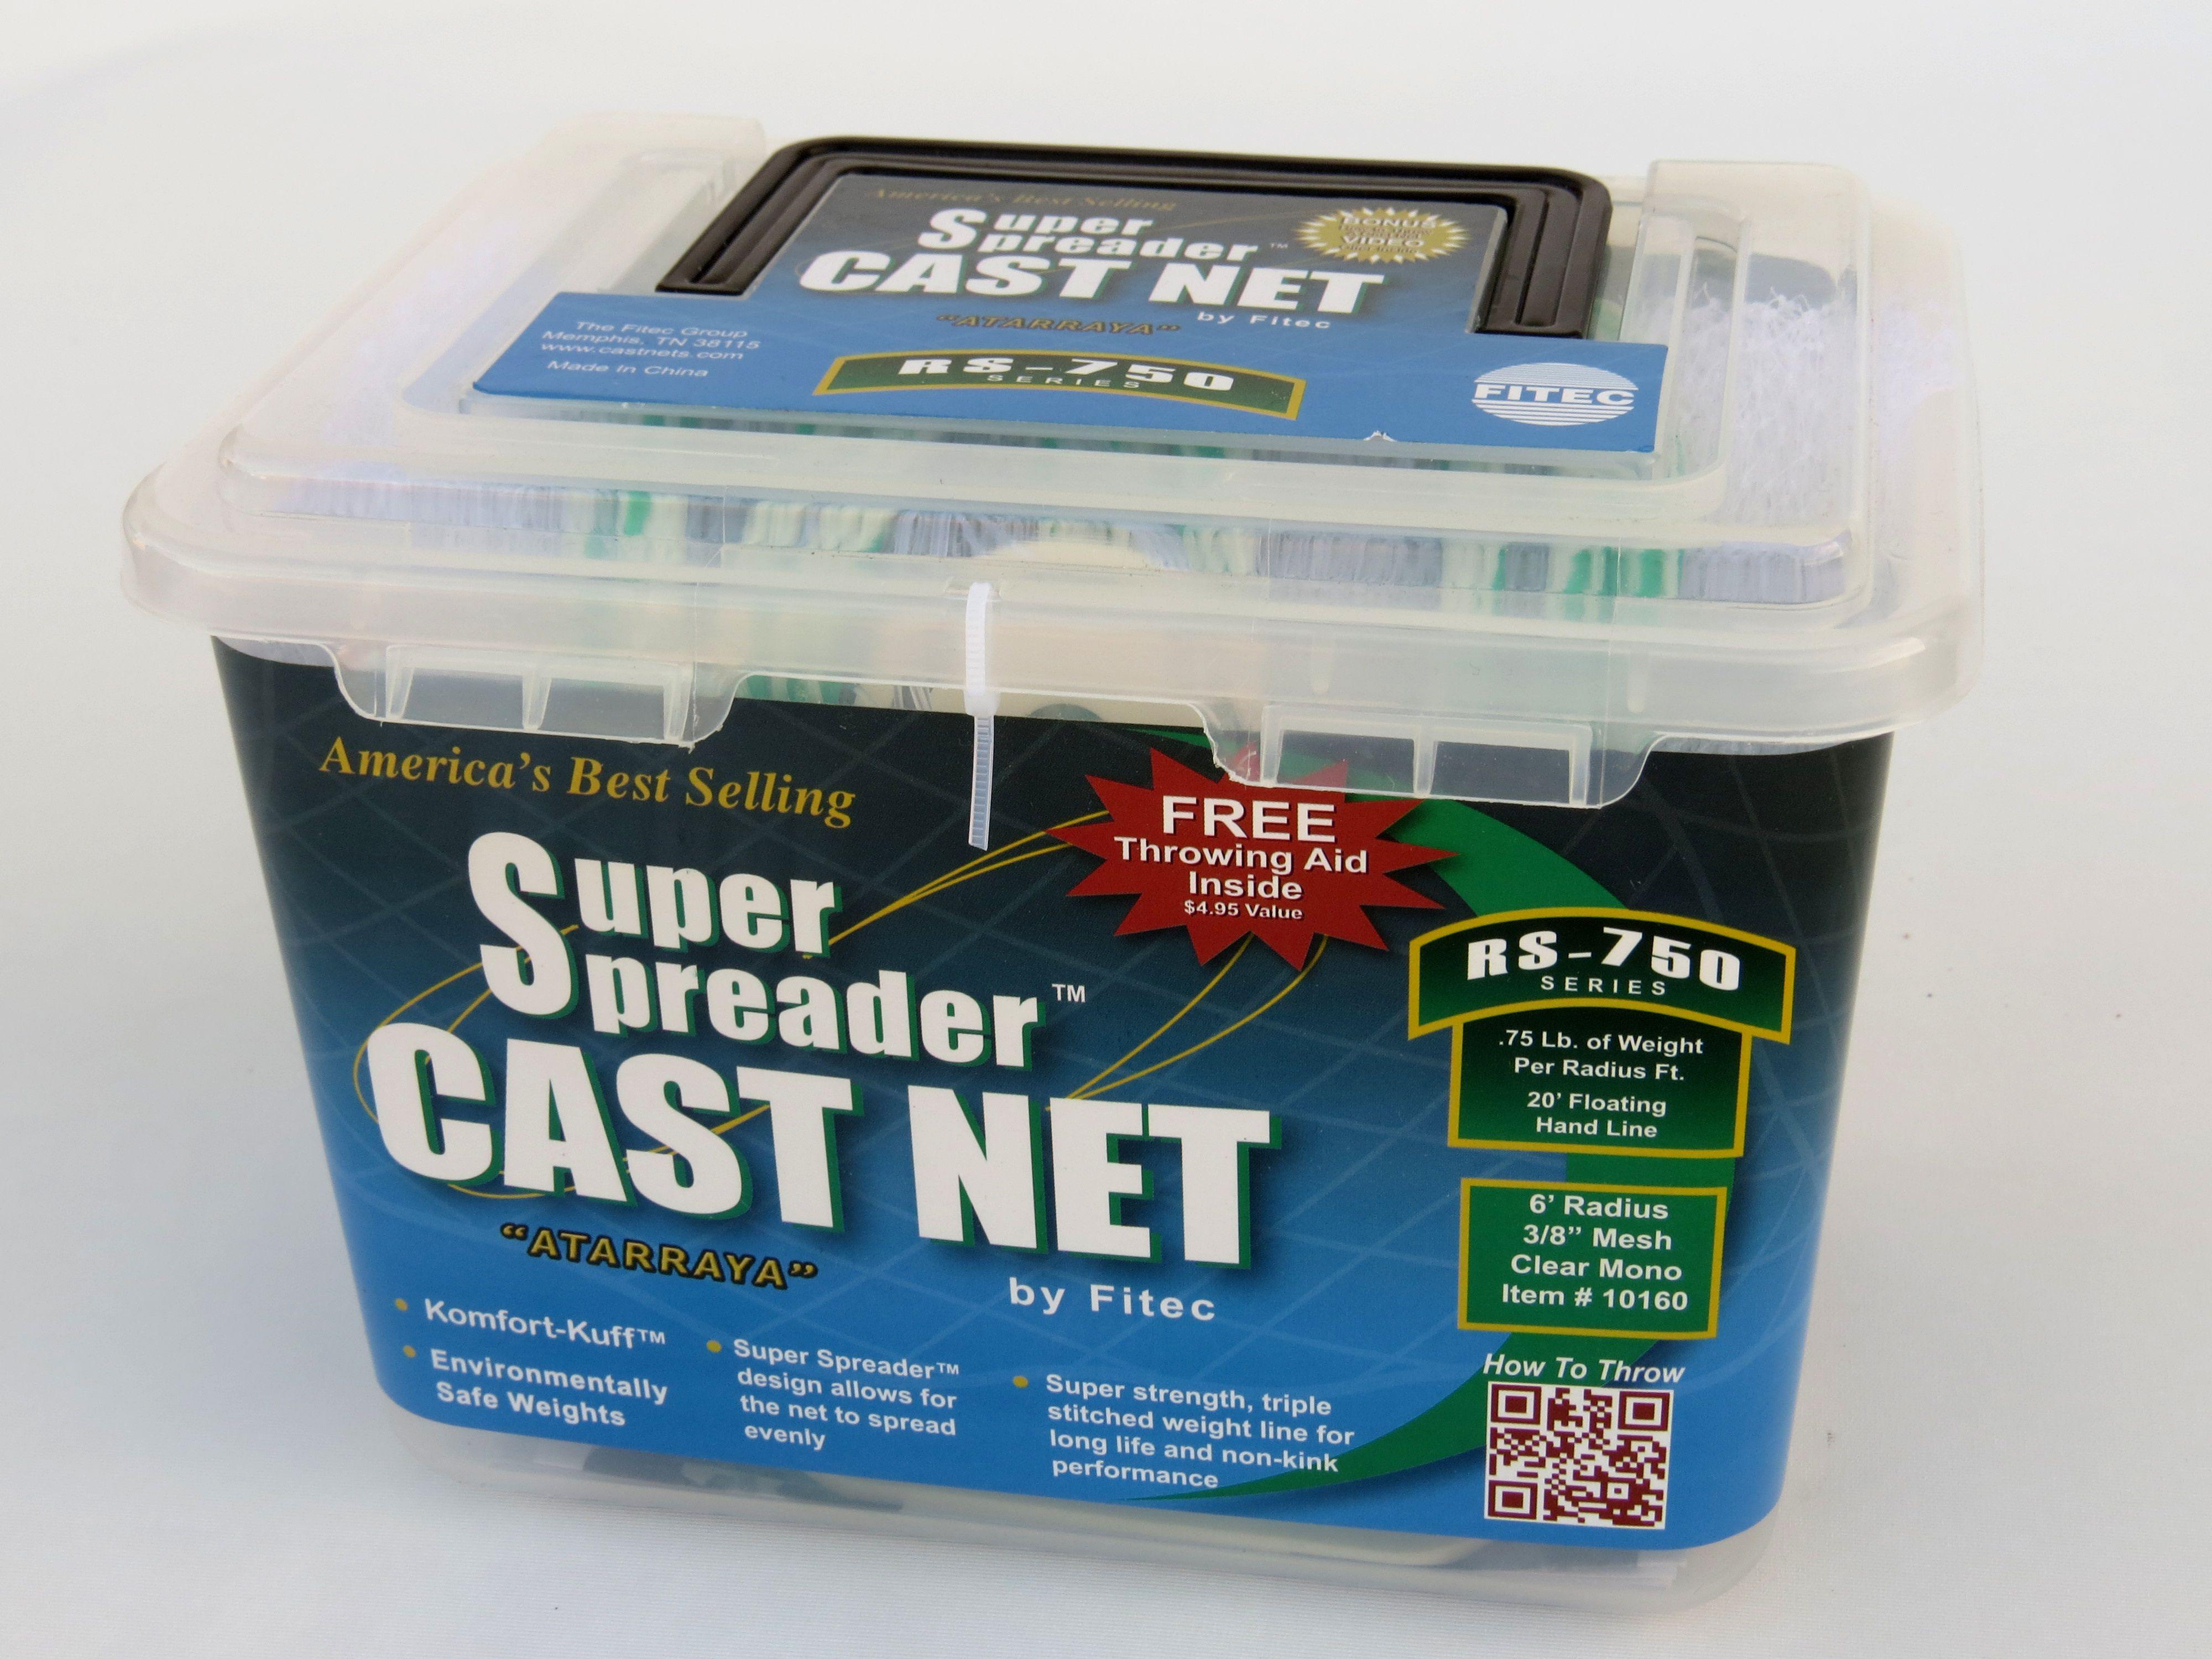 Nylon Super Spreader Cast Net 5 ft Cast Net 3//8 Sq. Mesh 10050